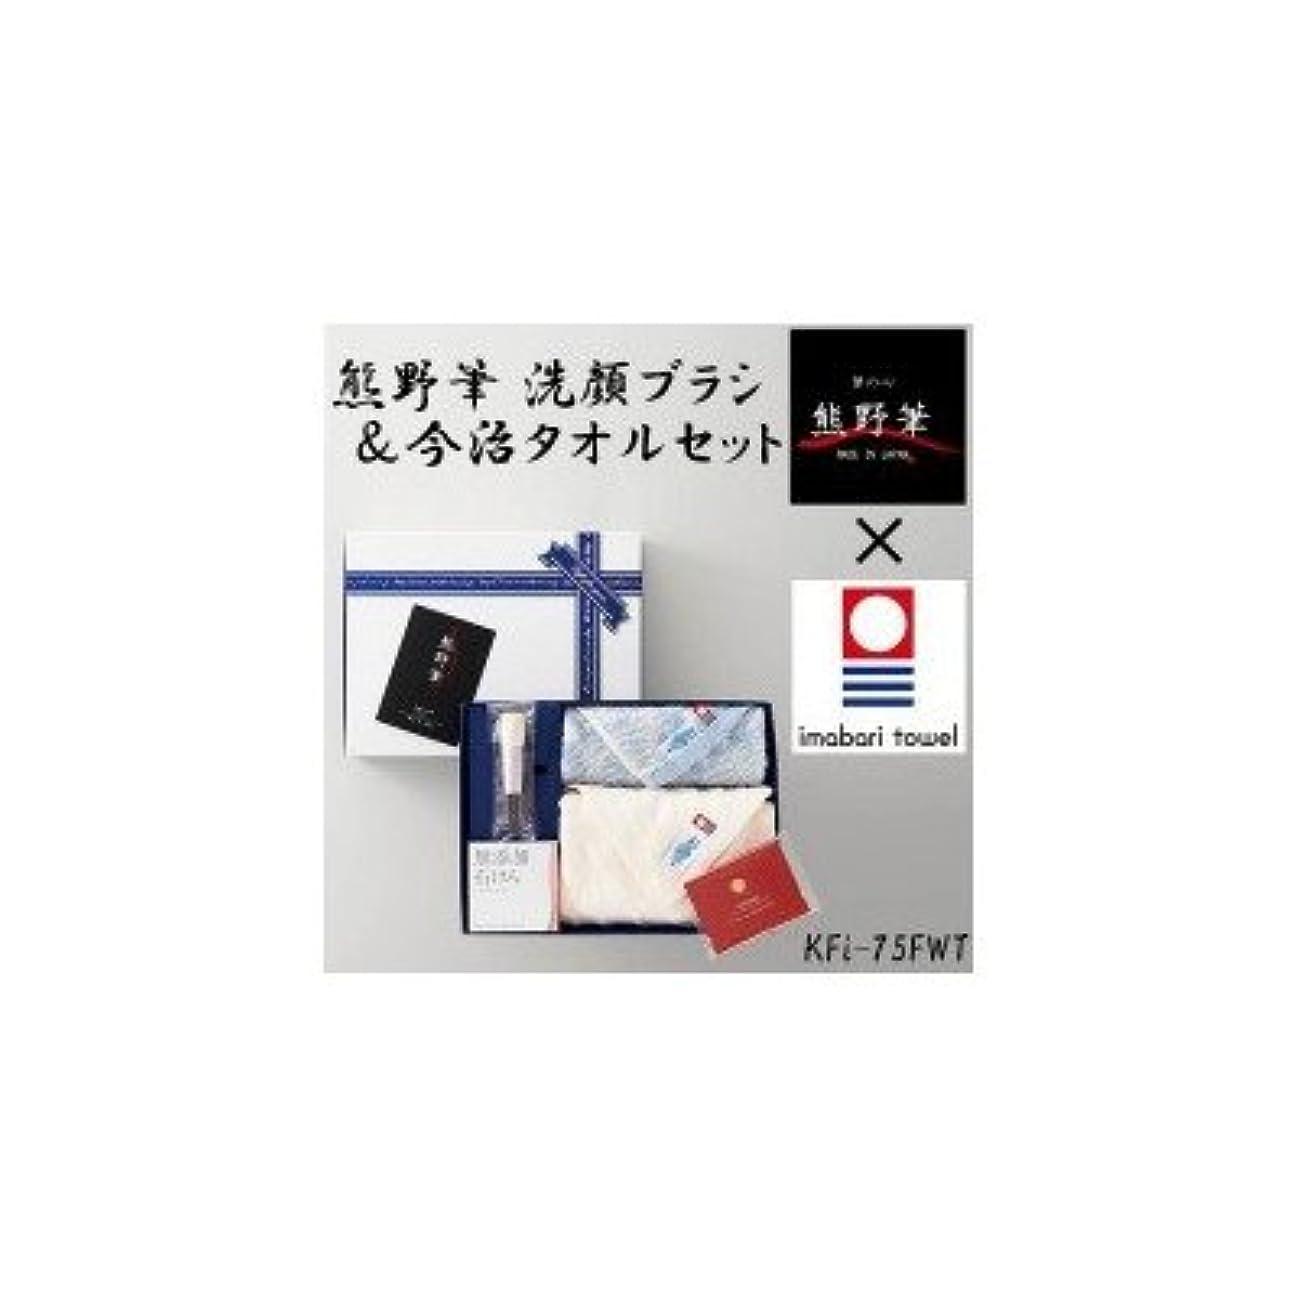 頭生じるに変わる熊野筆と今治タオルのコラボレーション 熊野筆 洗顔ブラシ&今治タオルセット KFi-75FWT